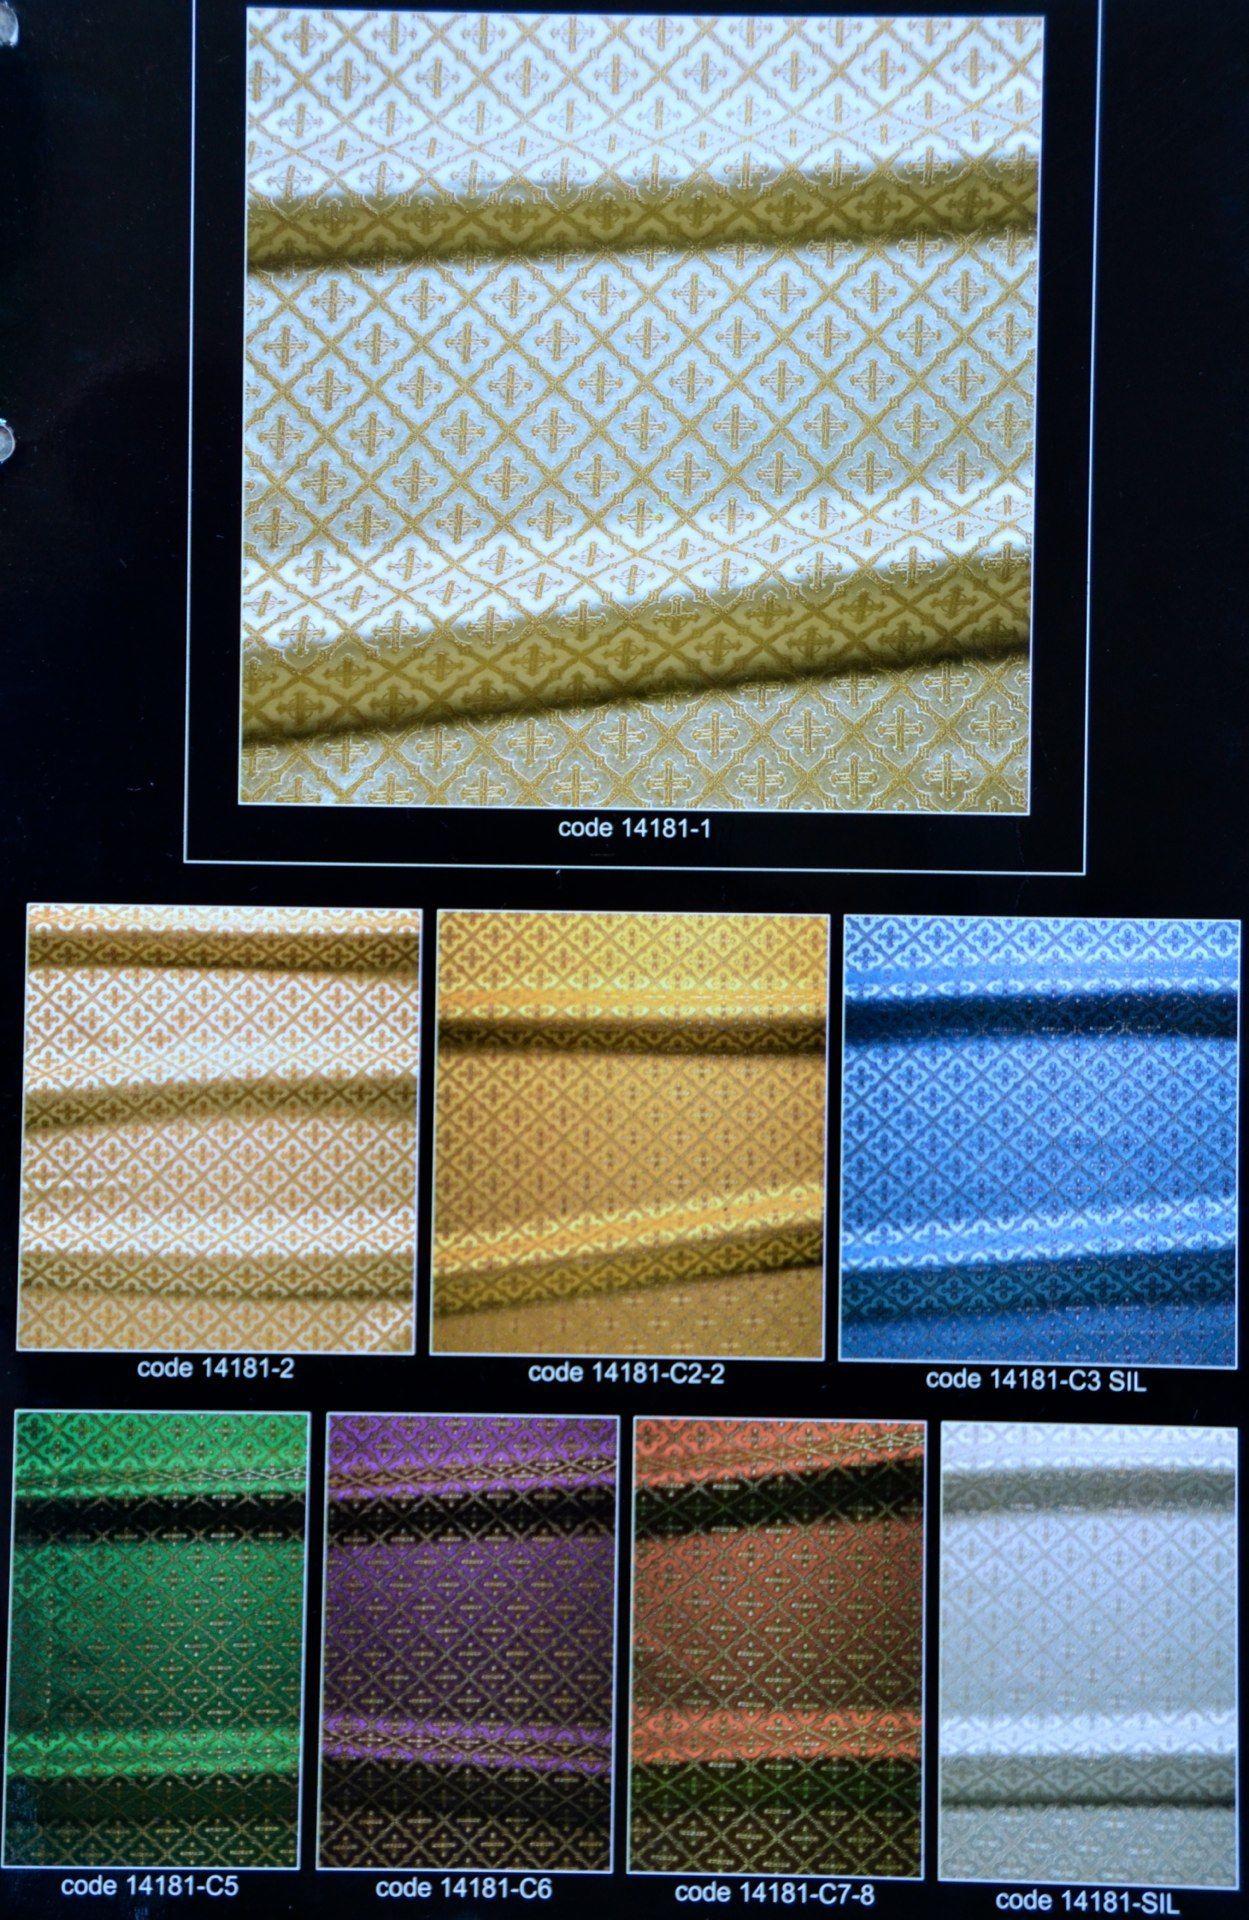 http://www.avdela-textiles.com/Avdela_Textiles/Product_Catalogue/Pages/Textile_Catalogue_files/Media/DSC_4804/DSC_4804.jpg?disposition=download